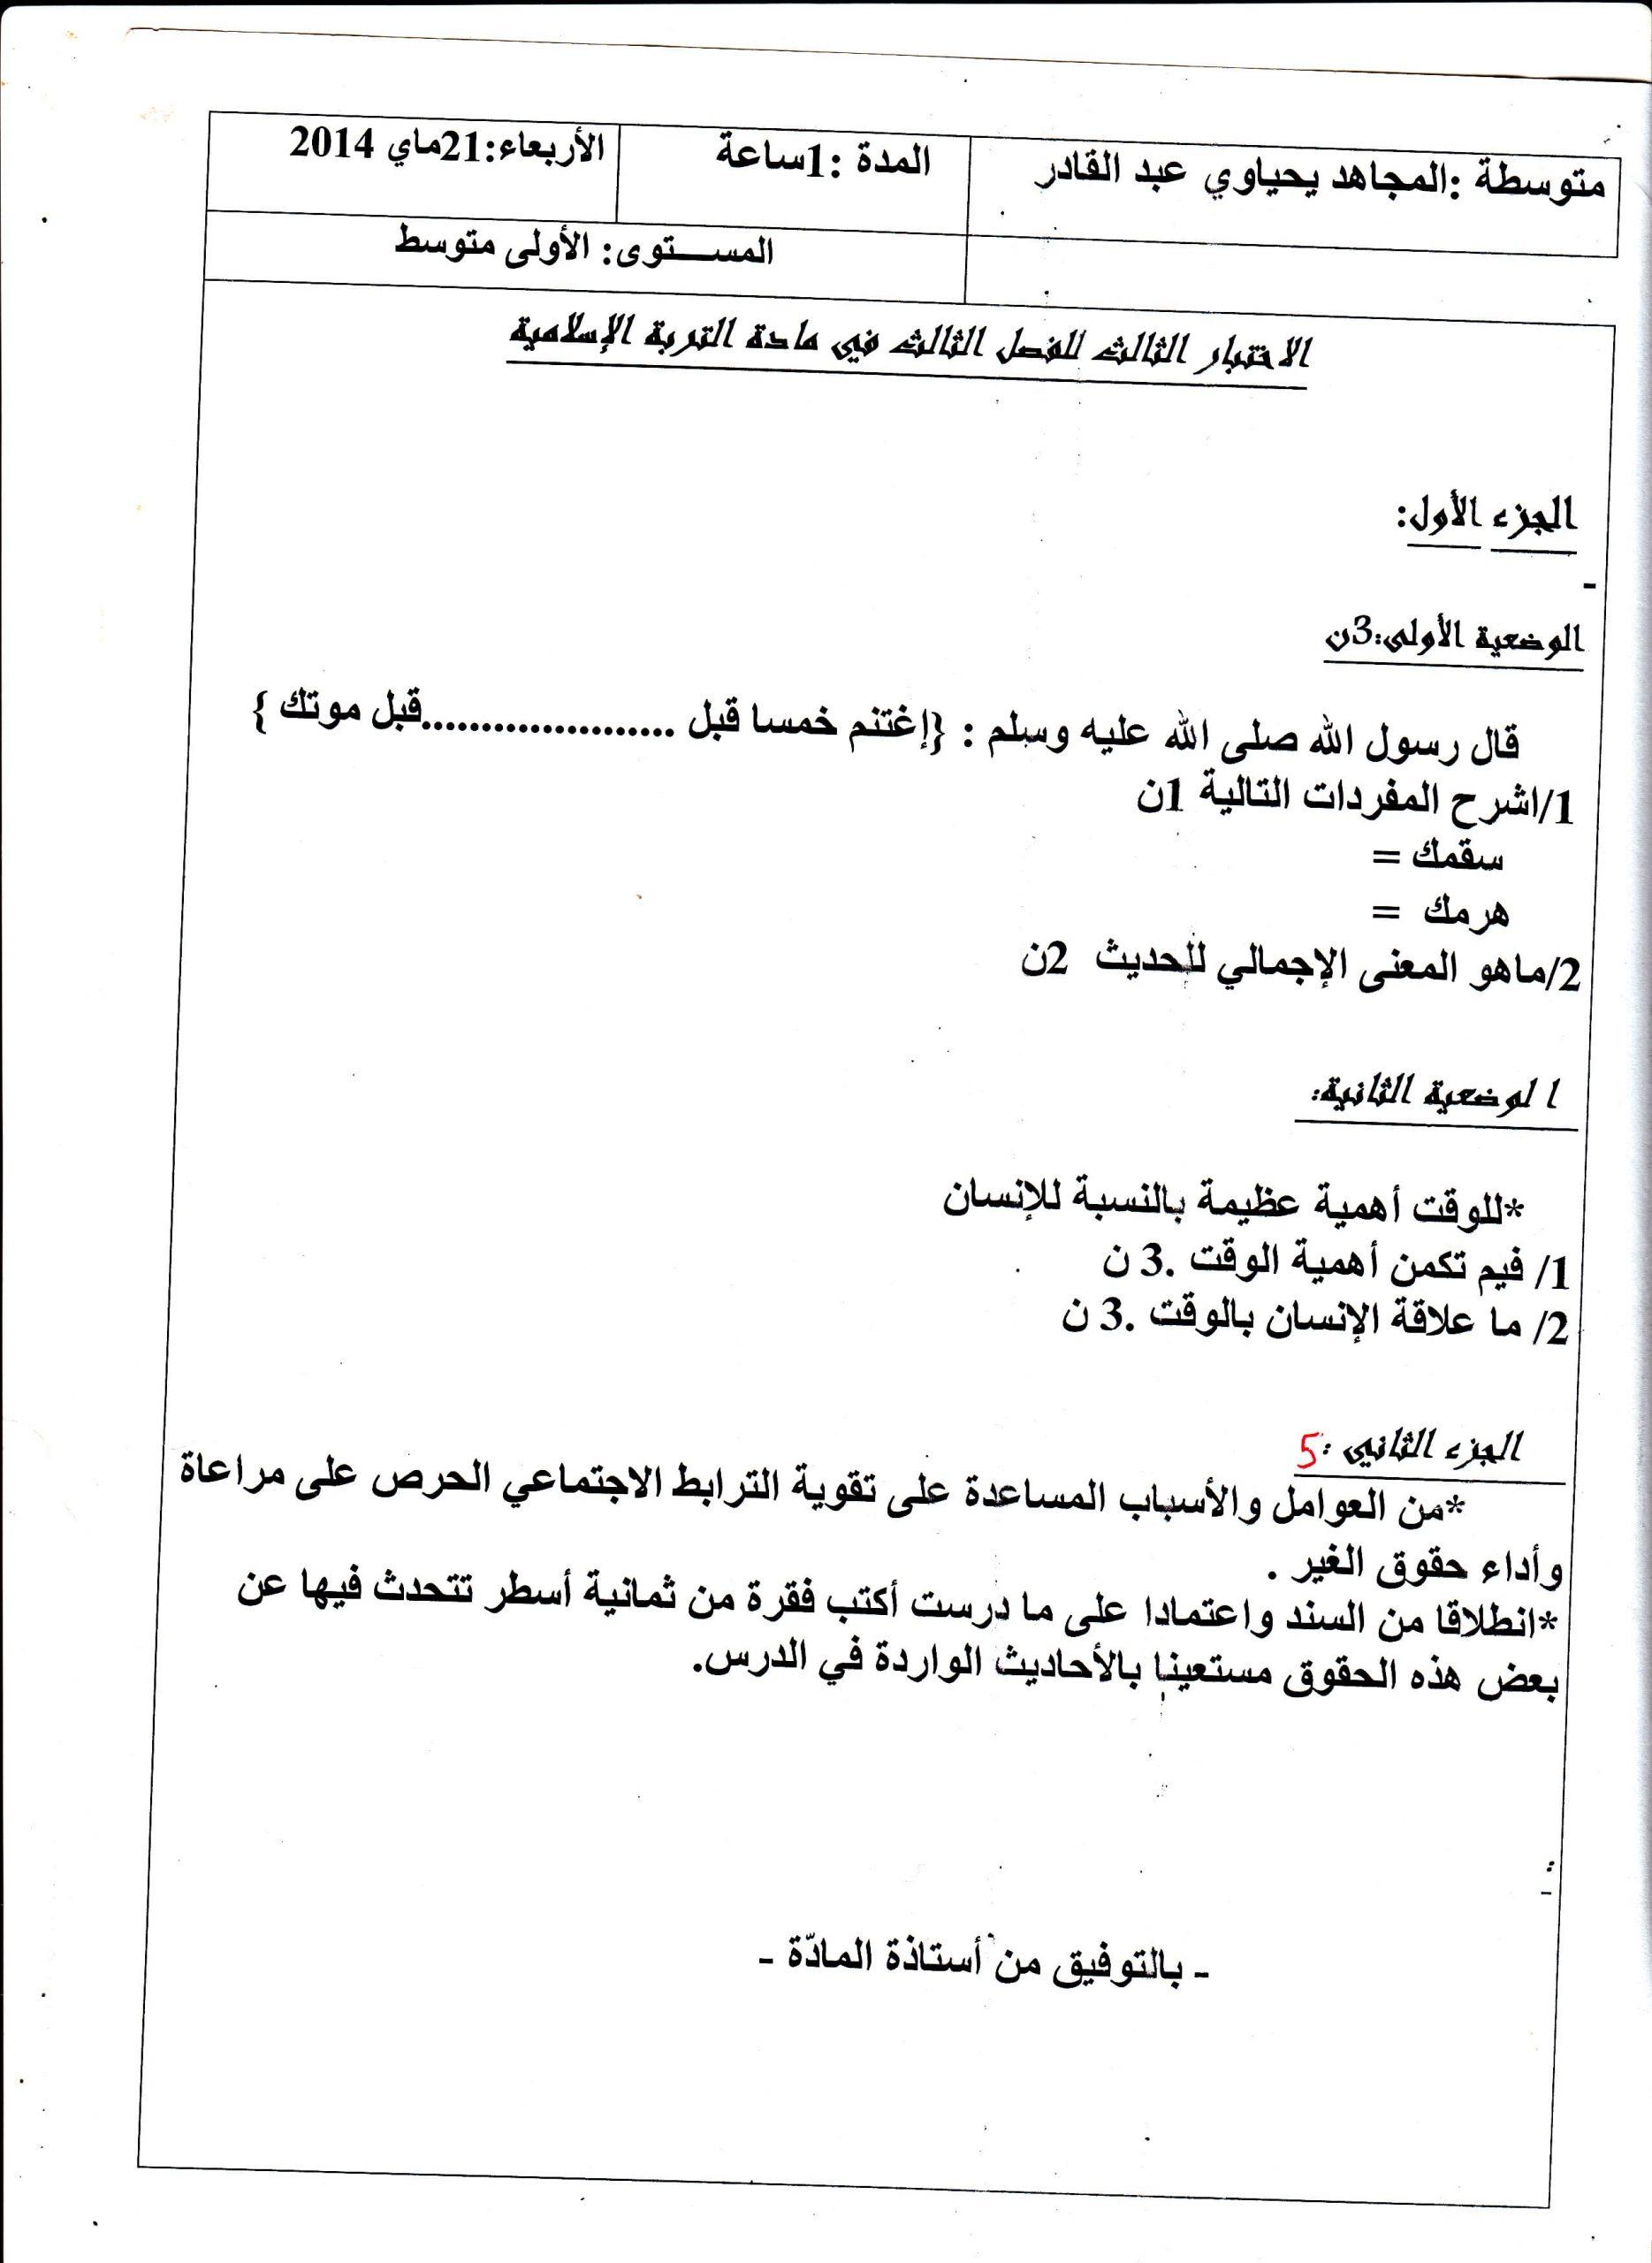 اختبار الفصل الثالث في التربية الاسلامية للسنة الأولى متوسط - الموضوع 05